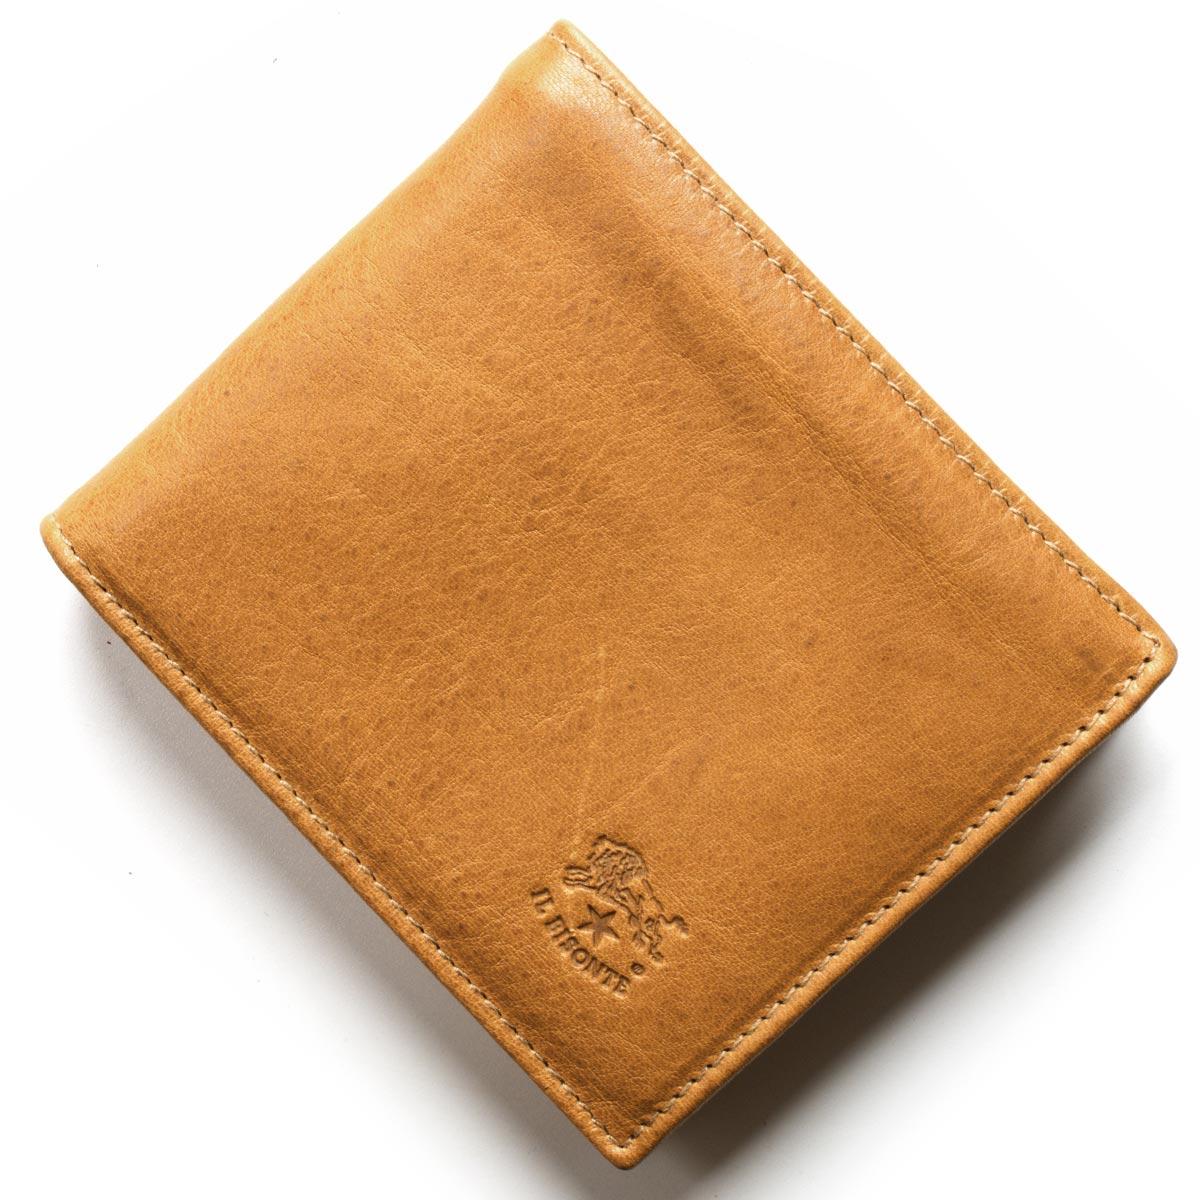 【最大3万円割引クーポン 11/01~】イルビゾンテ 二つ折り財布 財布 メンズ レディース スタンダード ペトラブラウン C0817 PO 681 IL BISONTE